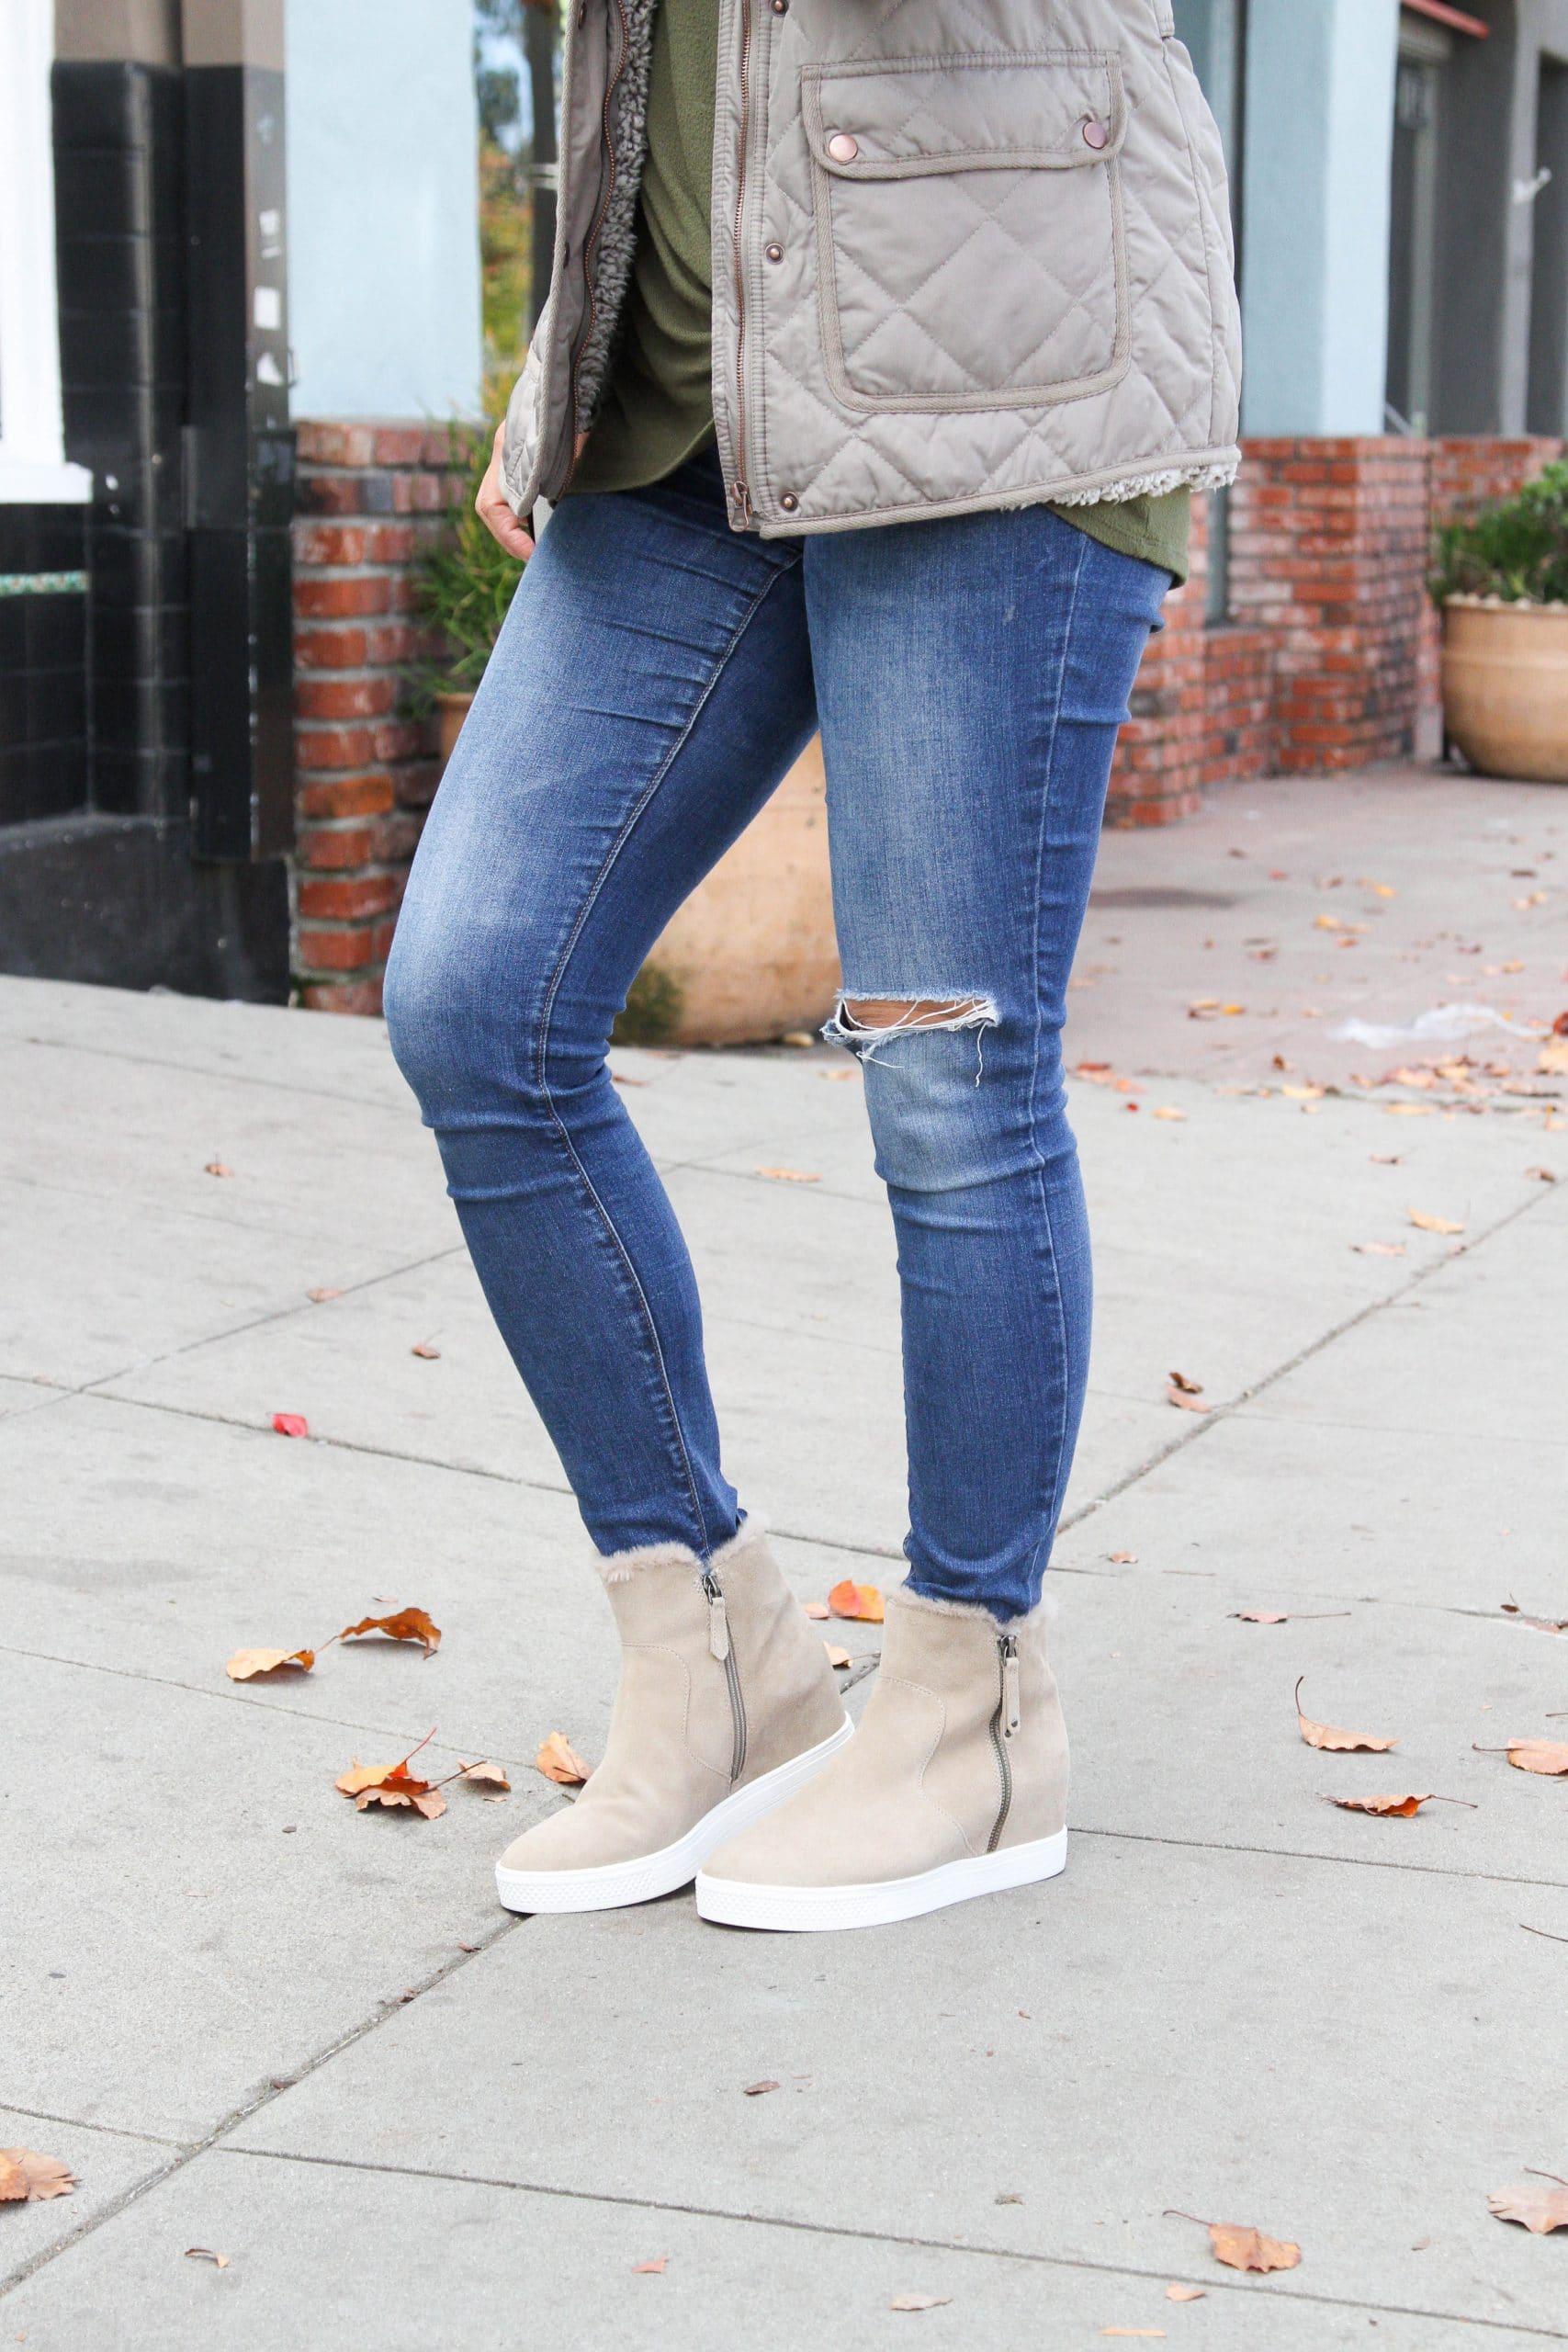 green twist knot tee + skinny jeans + wedge booties + grey jacket